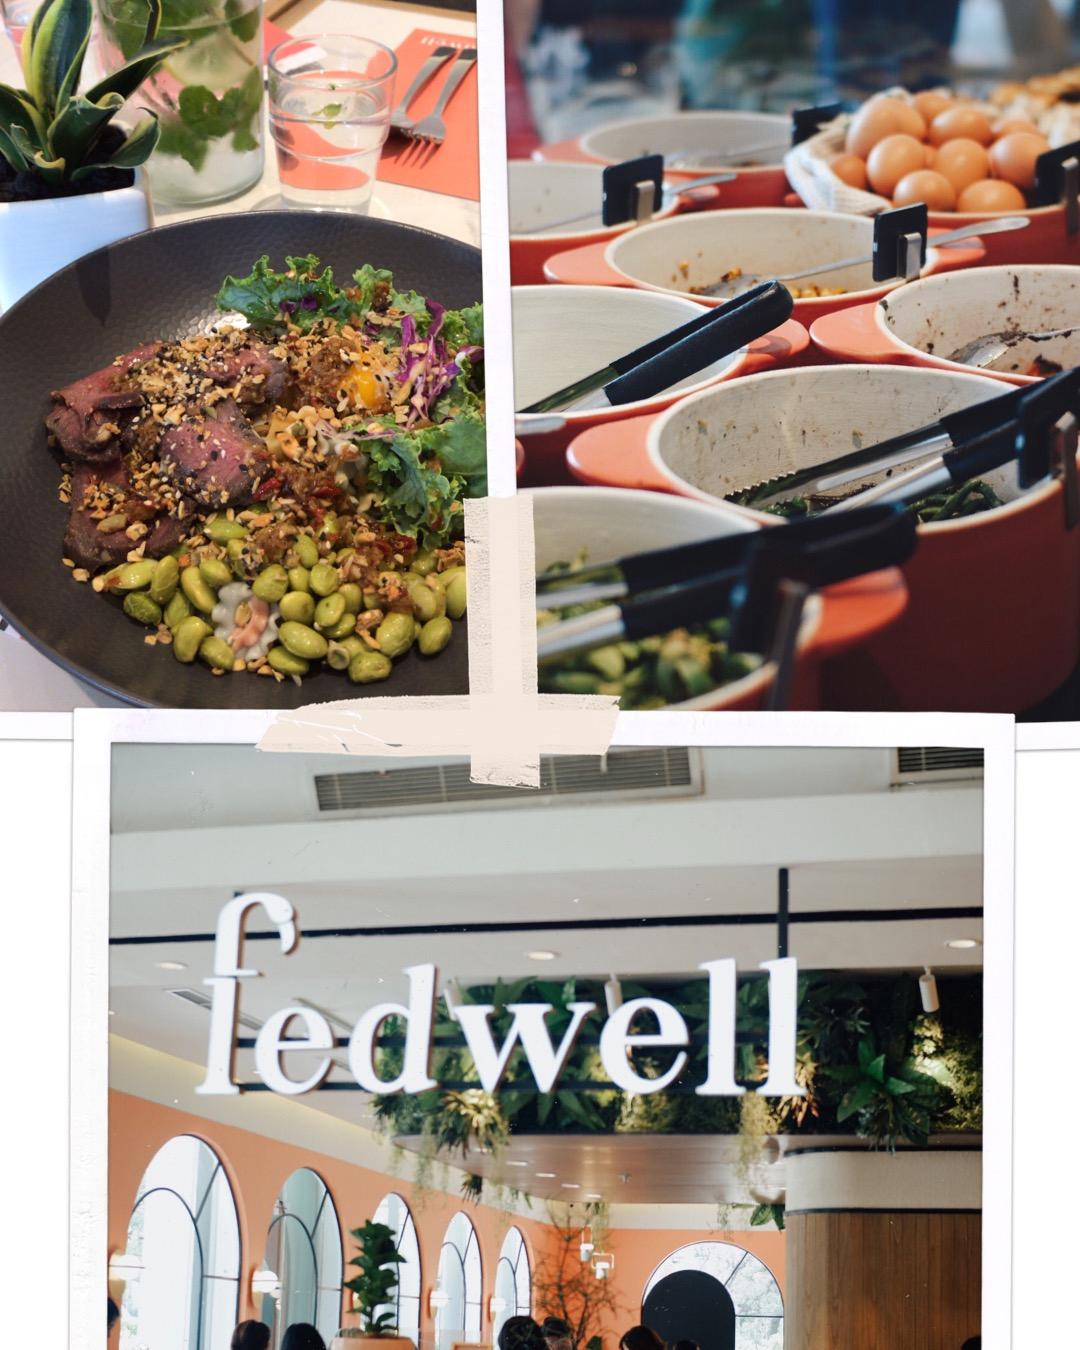 sabesabrina: Makan Sehat dan Enak di Fedwell Jakarta - Sudirman